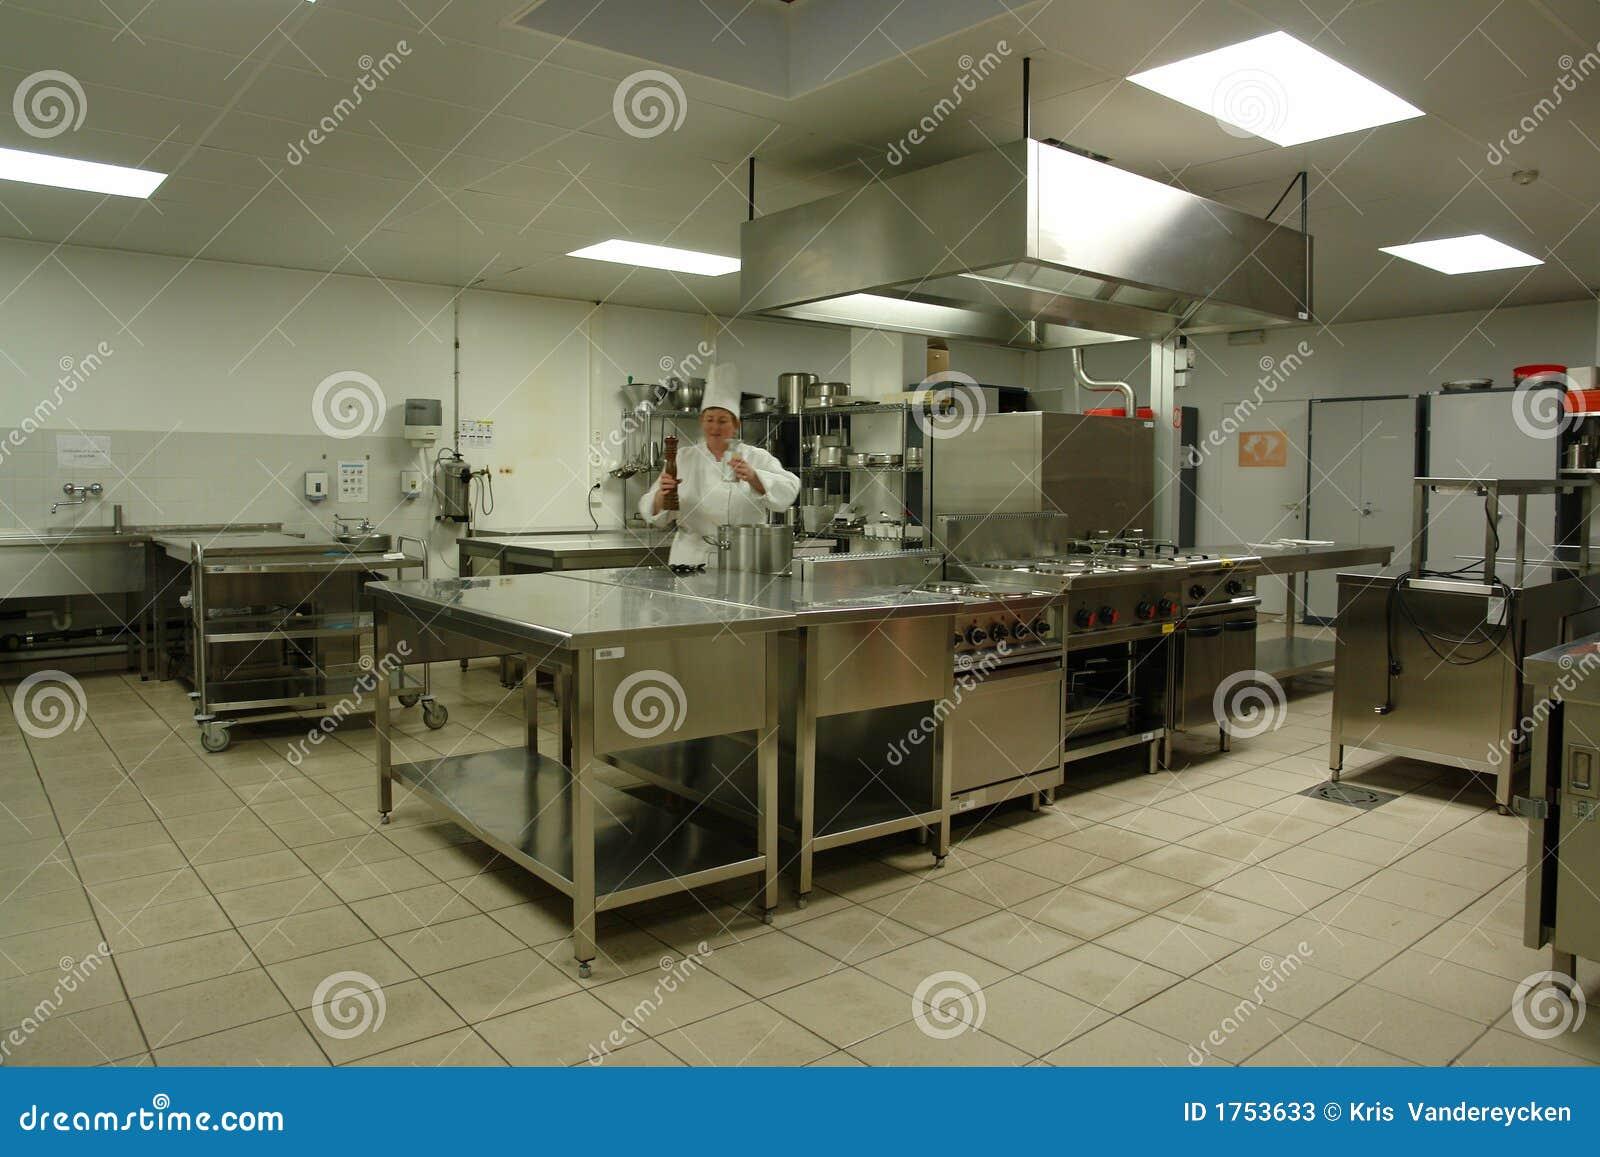 Cuisine professionnelle avec le cuisinier de chef photos stock image 1753633 - Equipement cuisine professionnelle ...